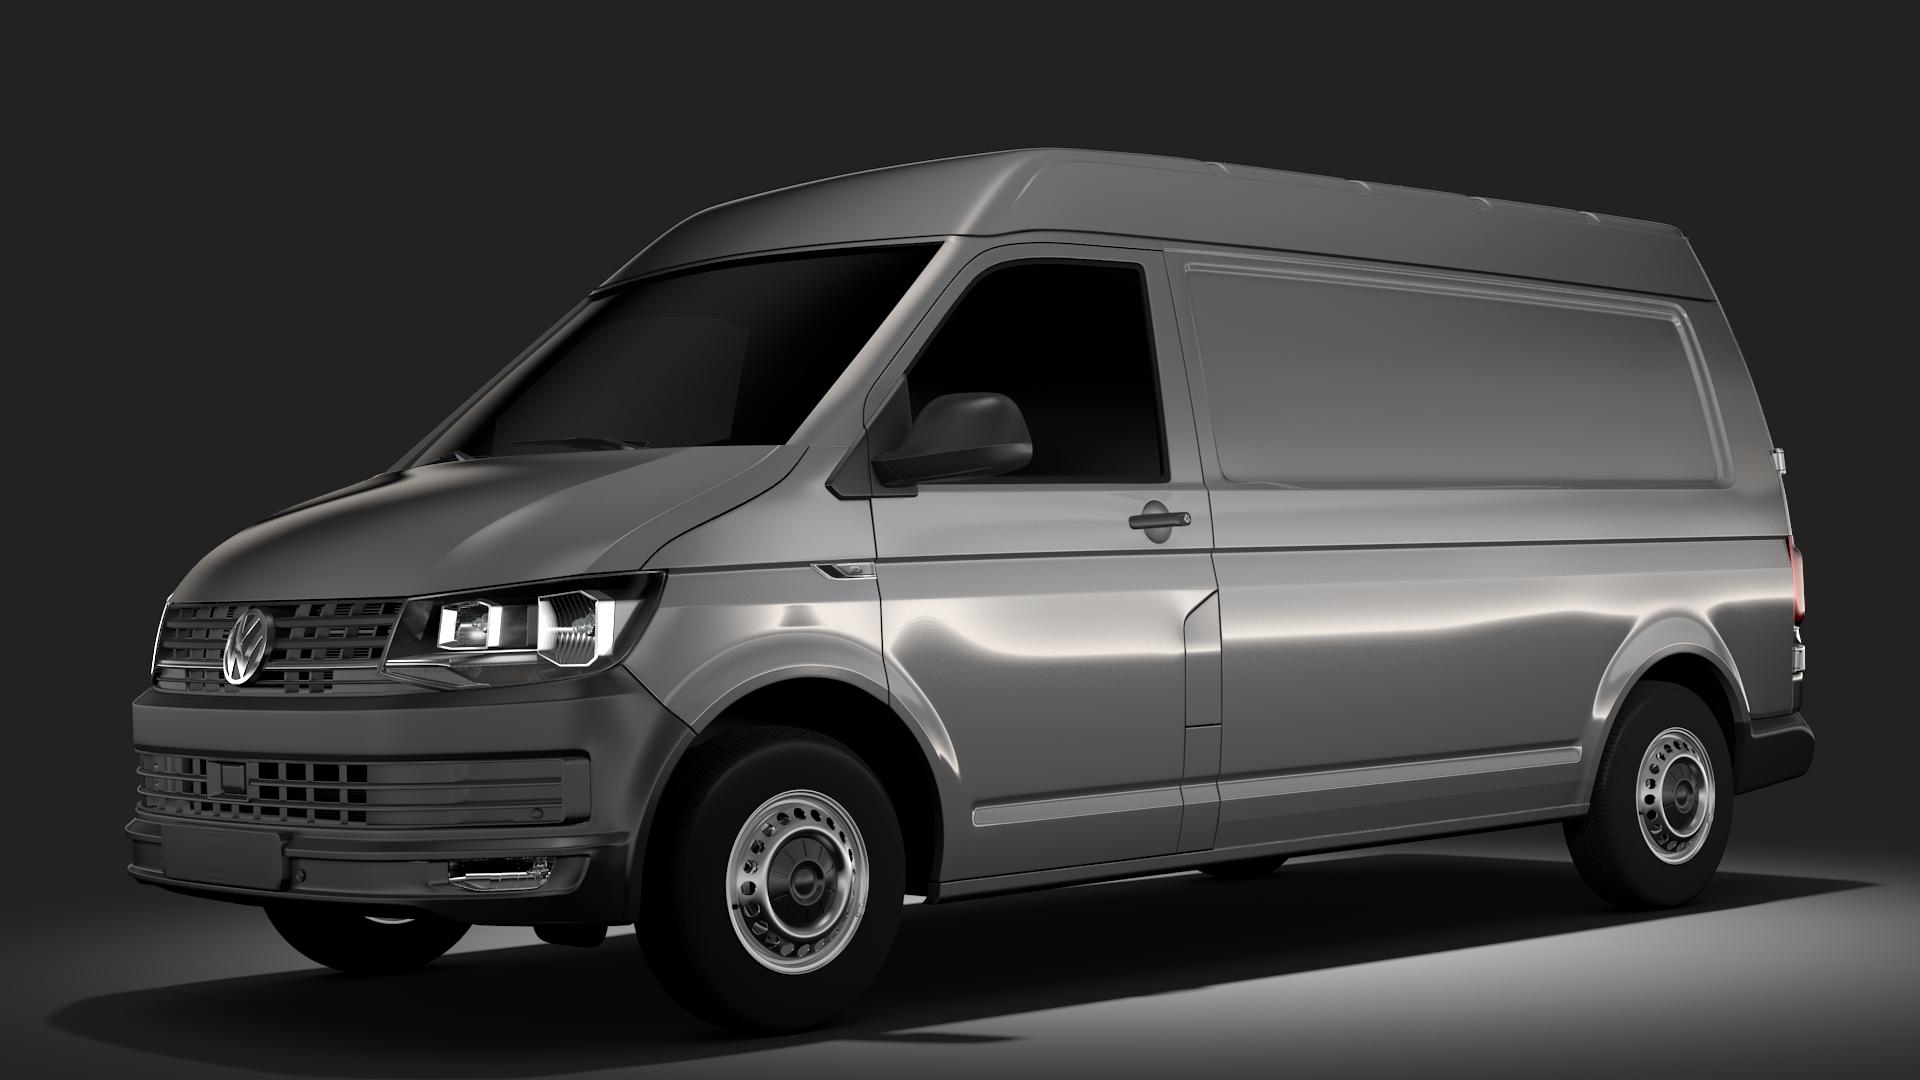 volkswagen nəqliyyat vasitəsi van l2h2 t6 2017 3d model max fbx c4d lwo ma mb hrc xsi obj 275260